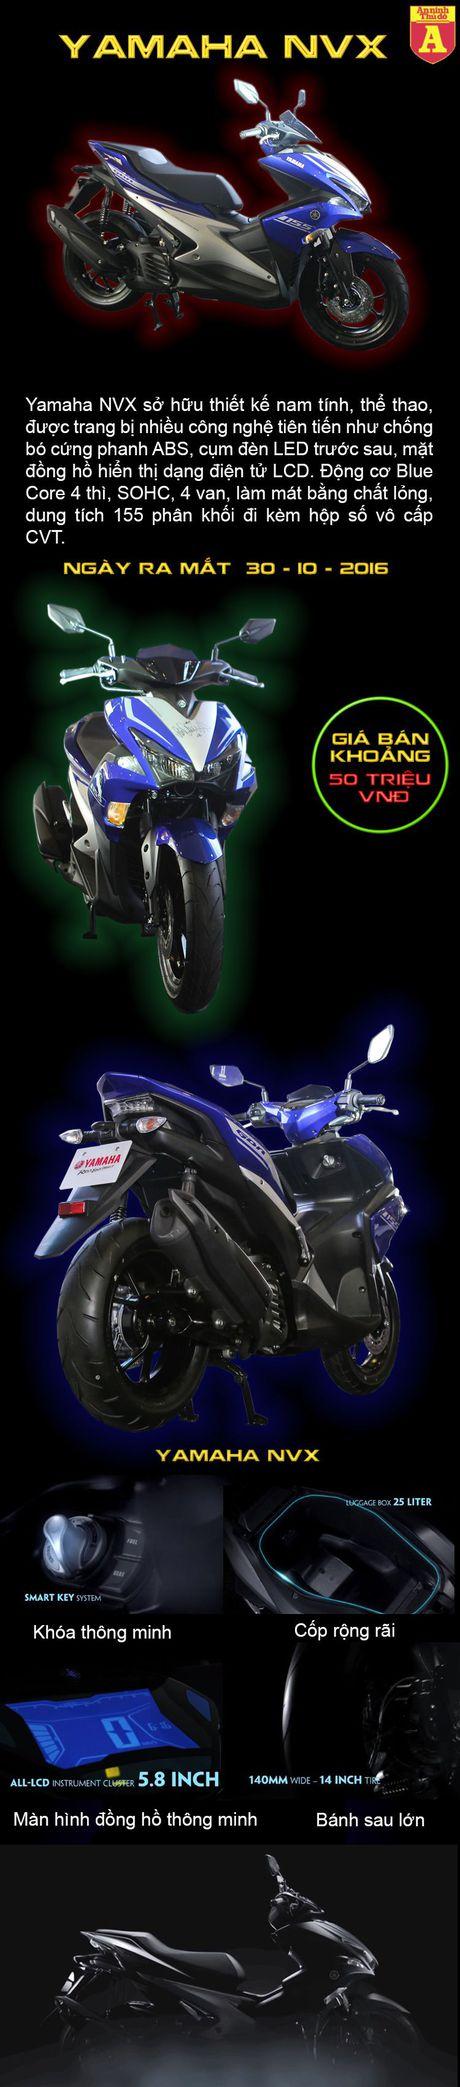 Yamaha NVX su thay the hoan hao danh cho Nouvo - Anh 1